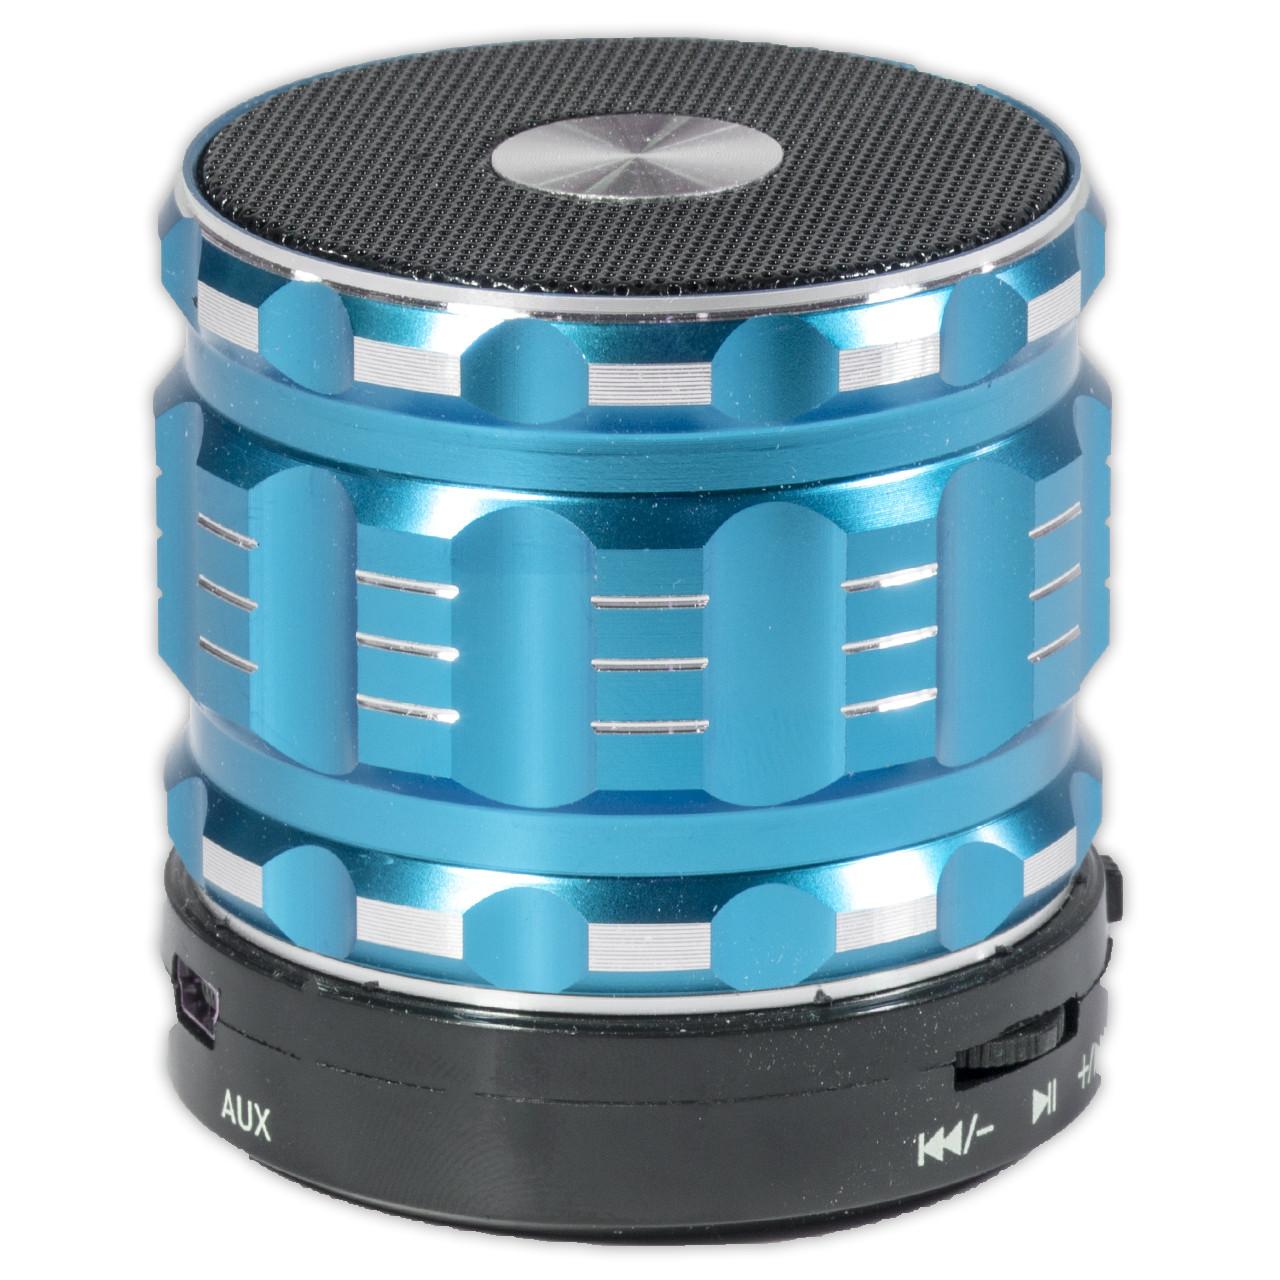 Колонка портативная BL Lesko S28 Bluetooth синяя спикер музыка MP3 музыкальный динамик для телефона смартфона